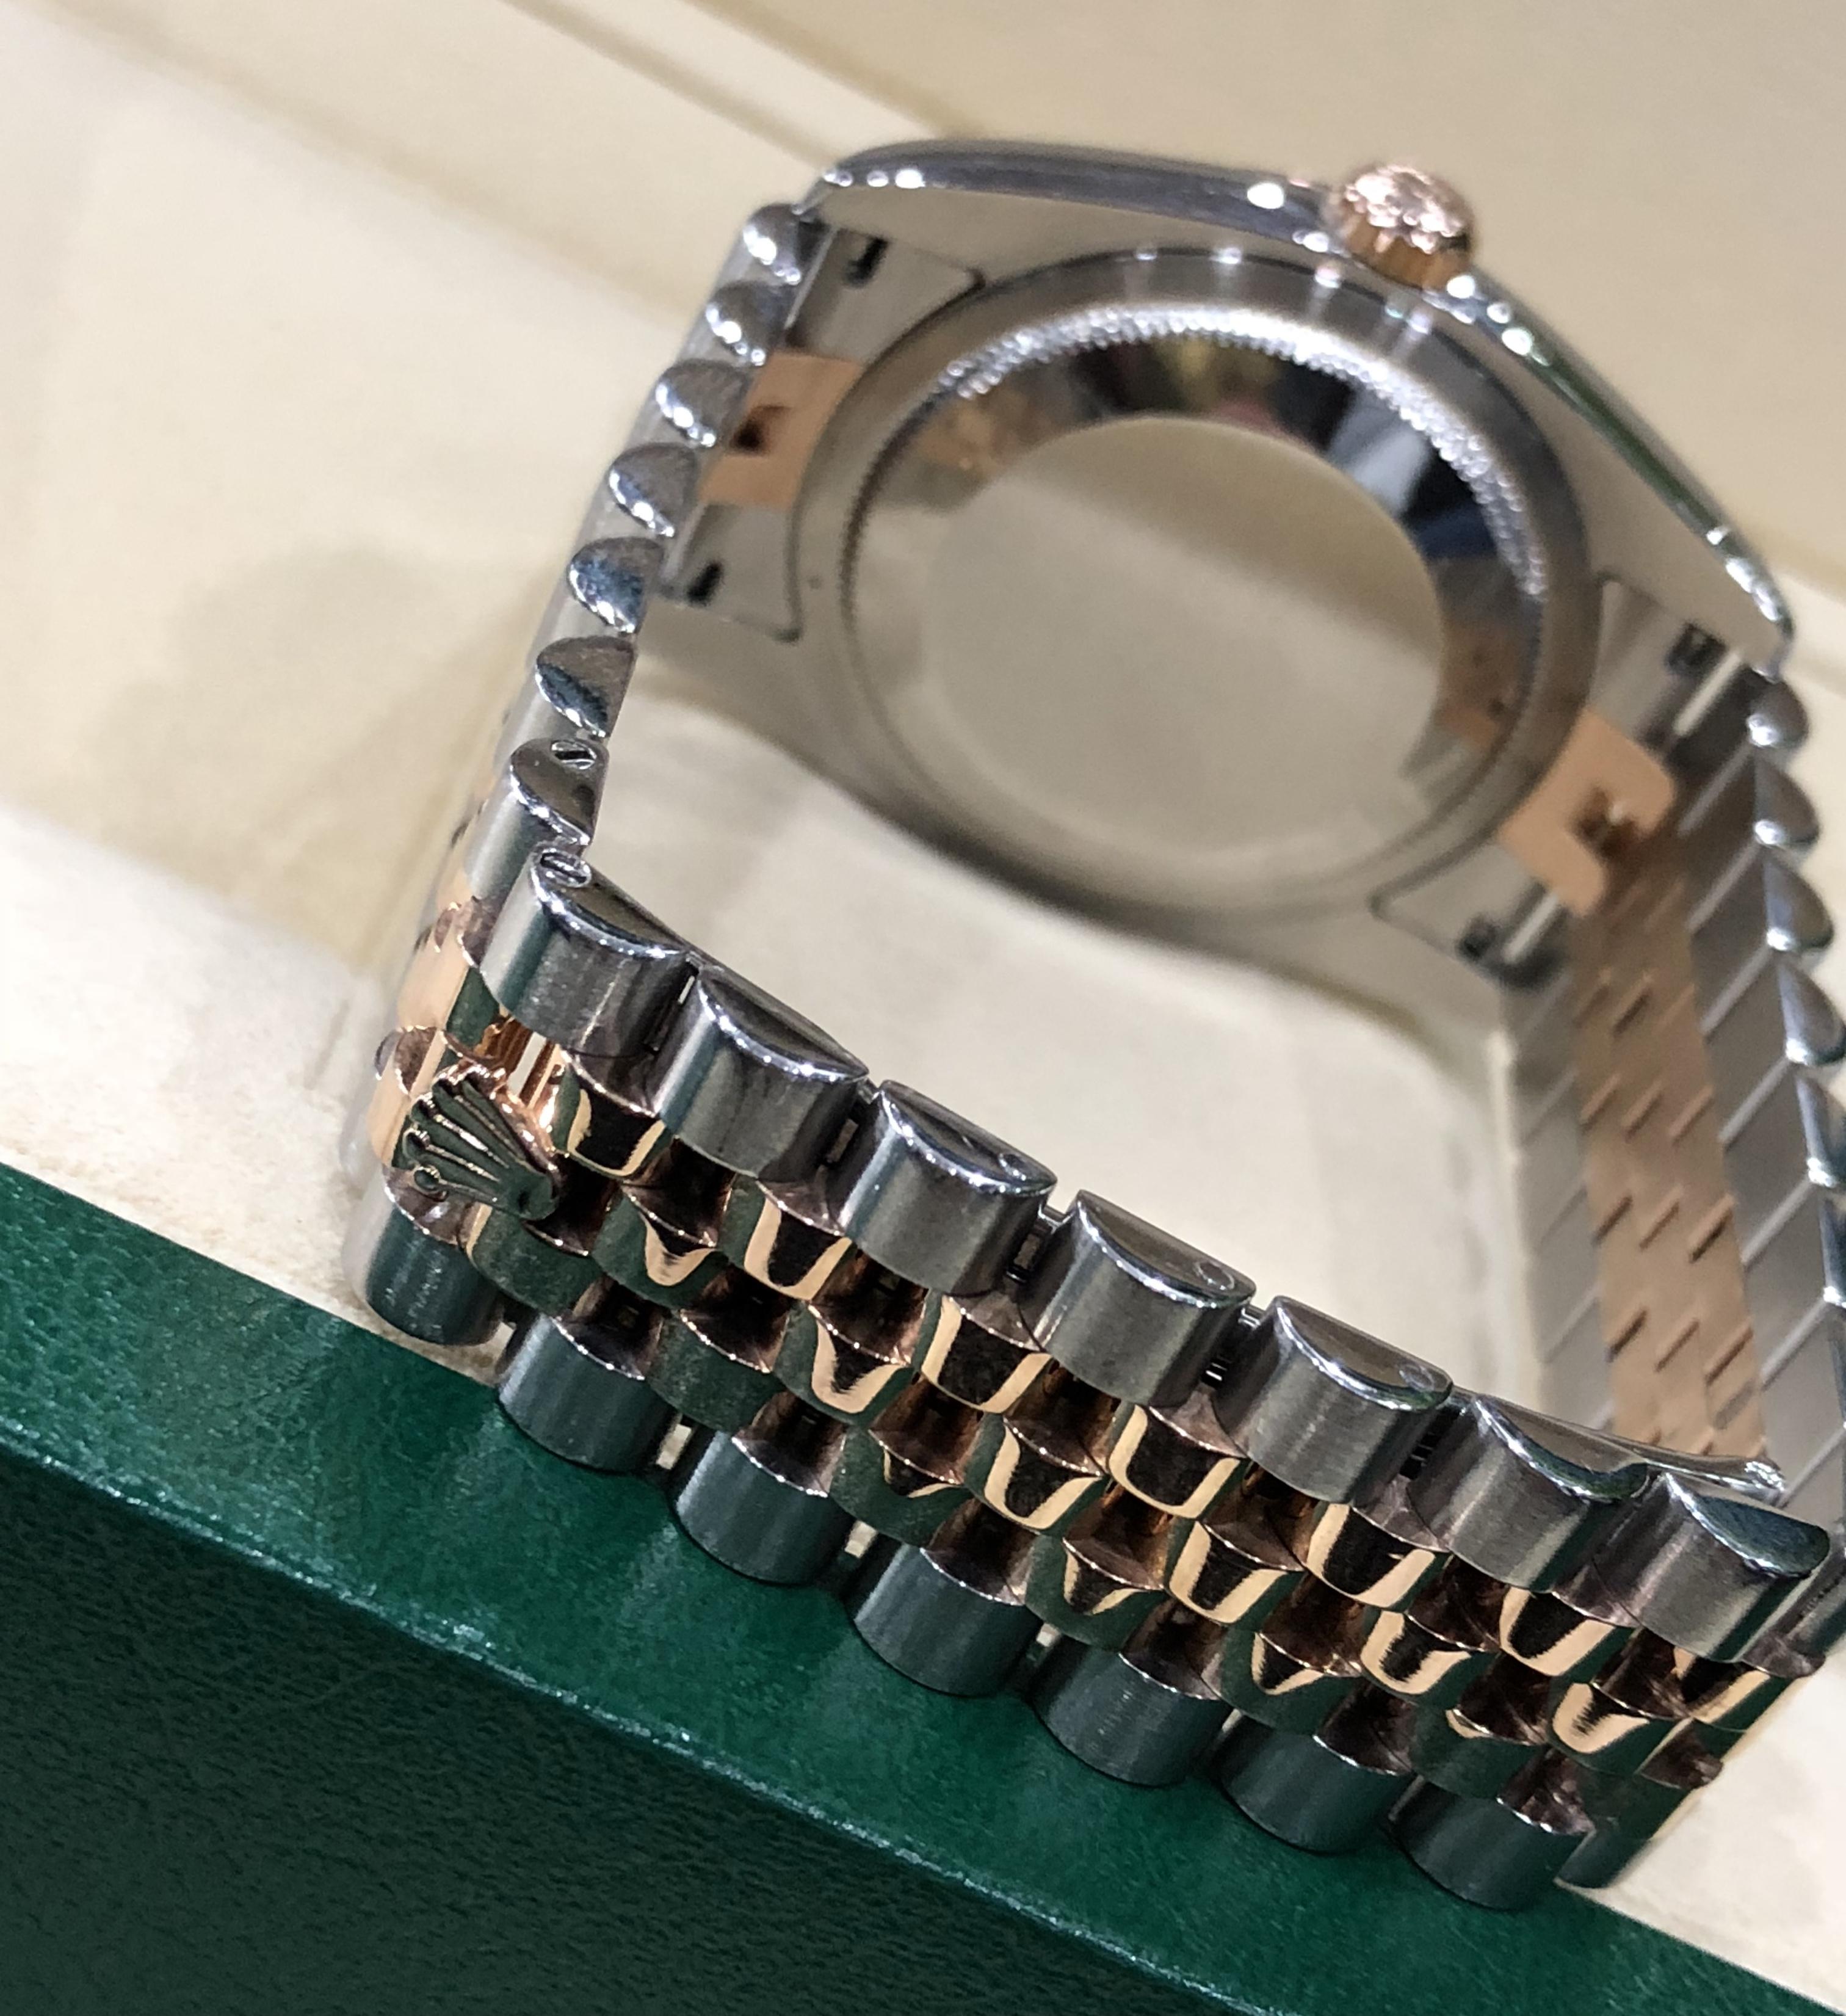 Rolex 116231 demi vàng hồng sản xuất năm 2007-3